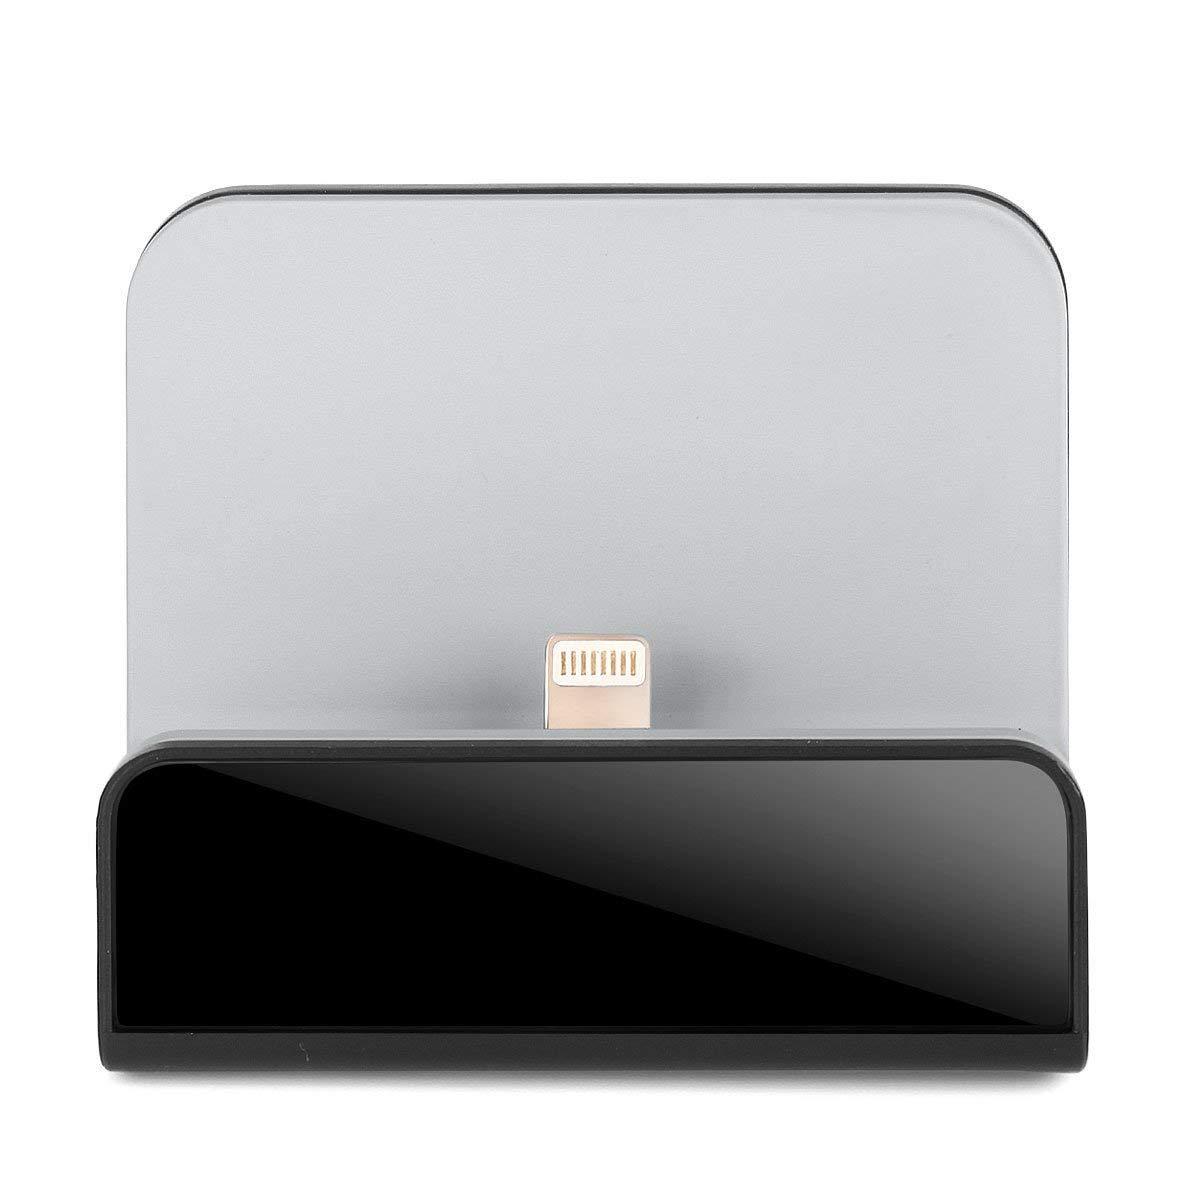 LINYU Chargeur de cam/éra cach/ée pour iPhone WiFi Live View Spy Cam avec d/étection de Mouvement pour la s/écurit/é /à Domicile